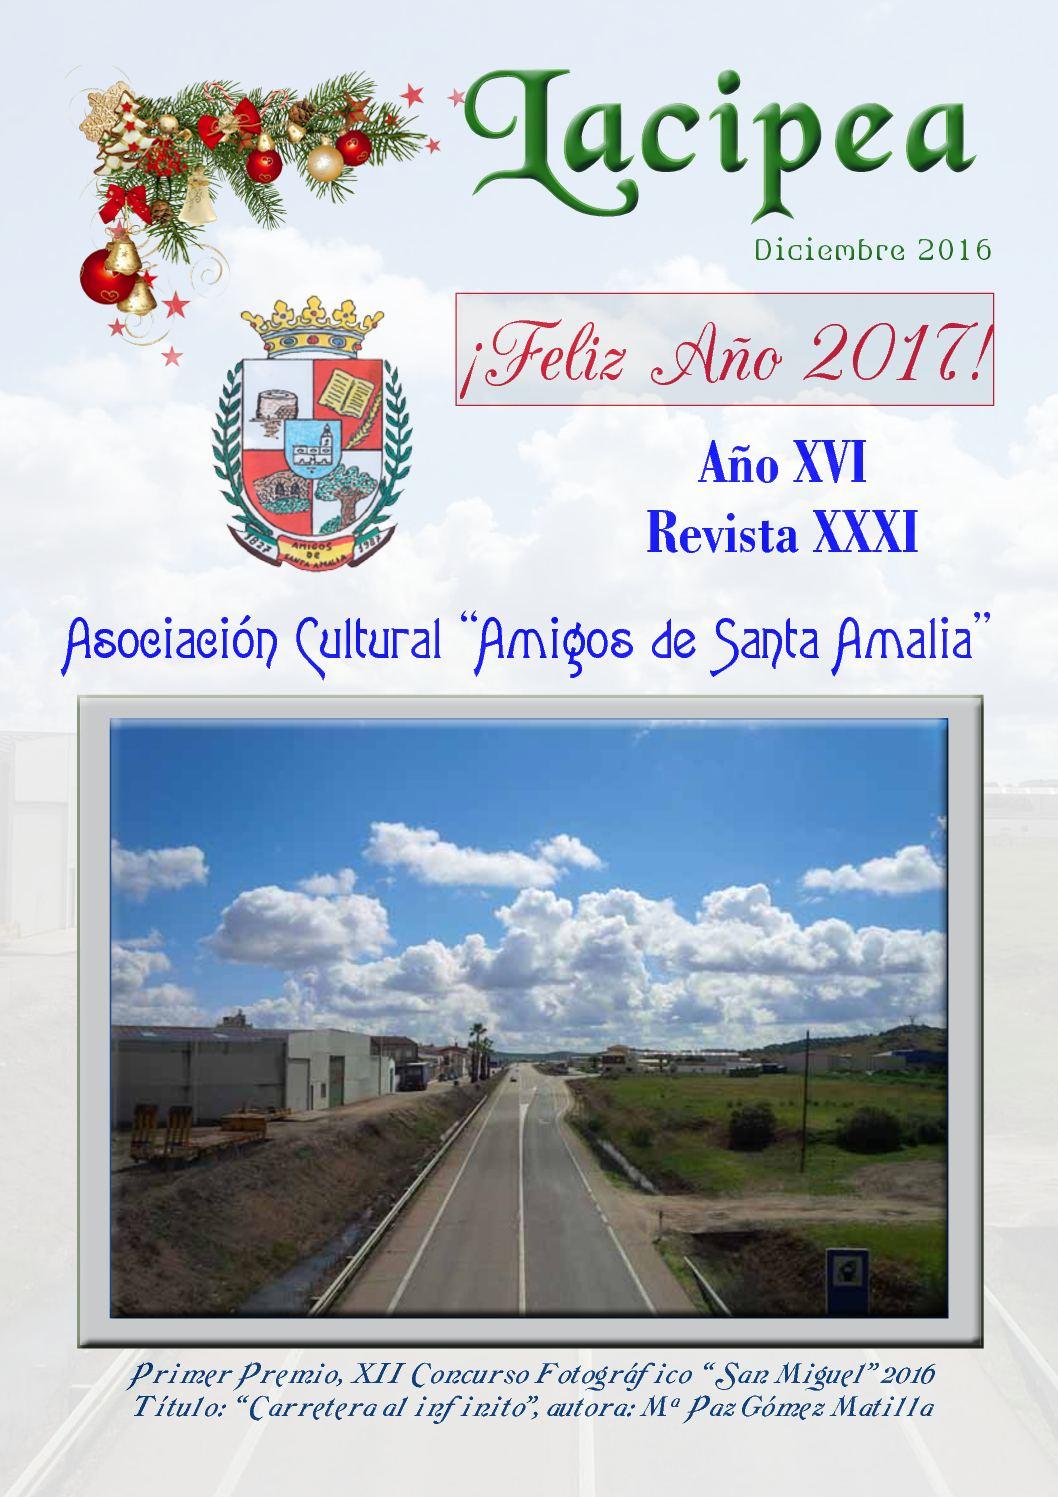 Dic Lacipea De 2016 Calaméo Santa Revista Amalia 3LRjq5A4